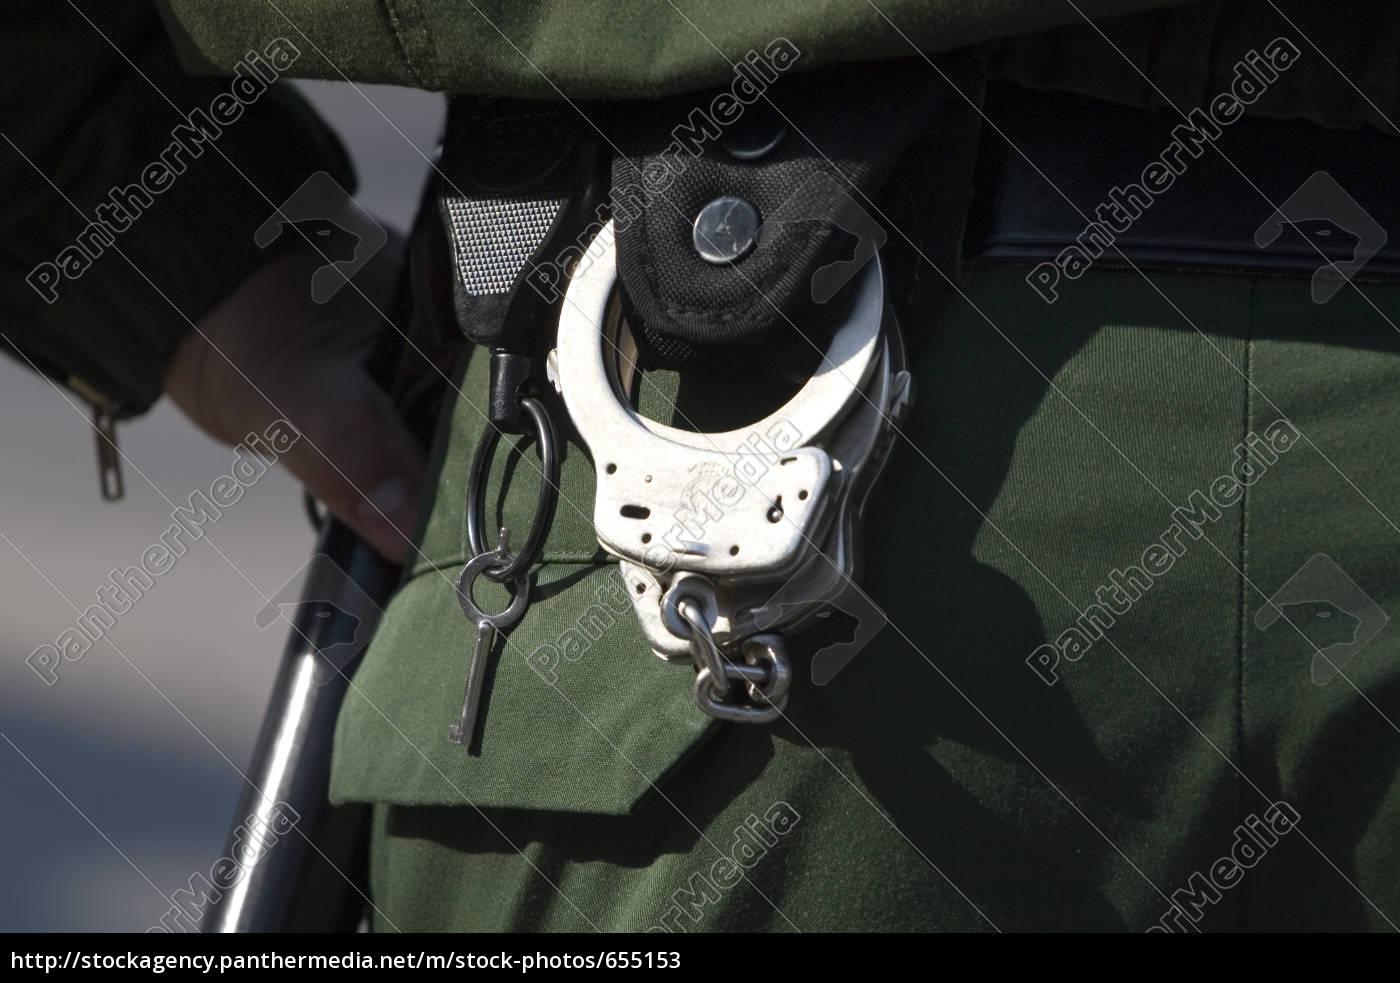 handcuffs - 655153